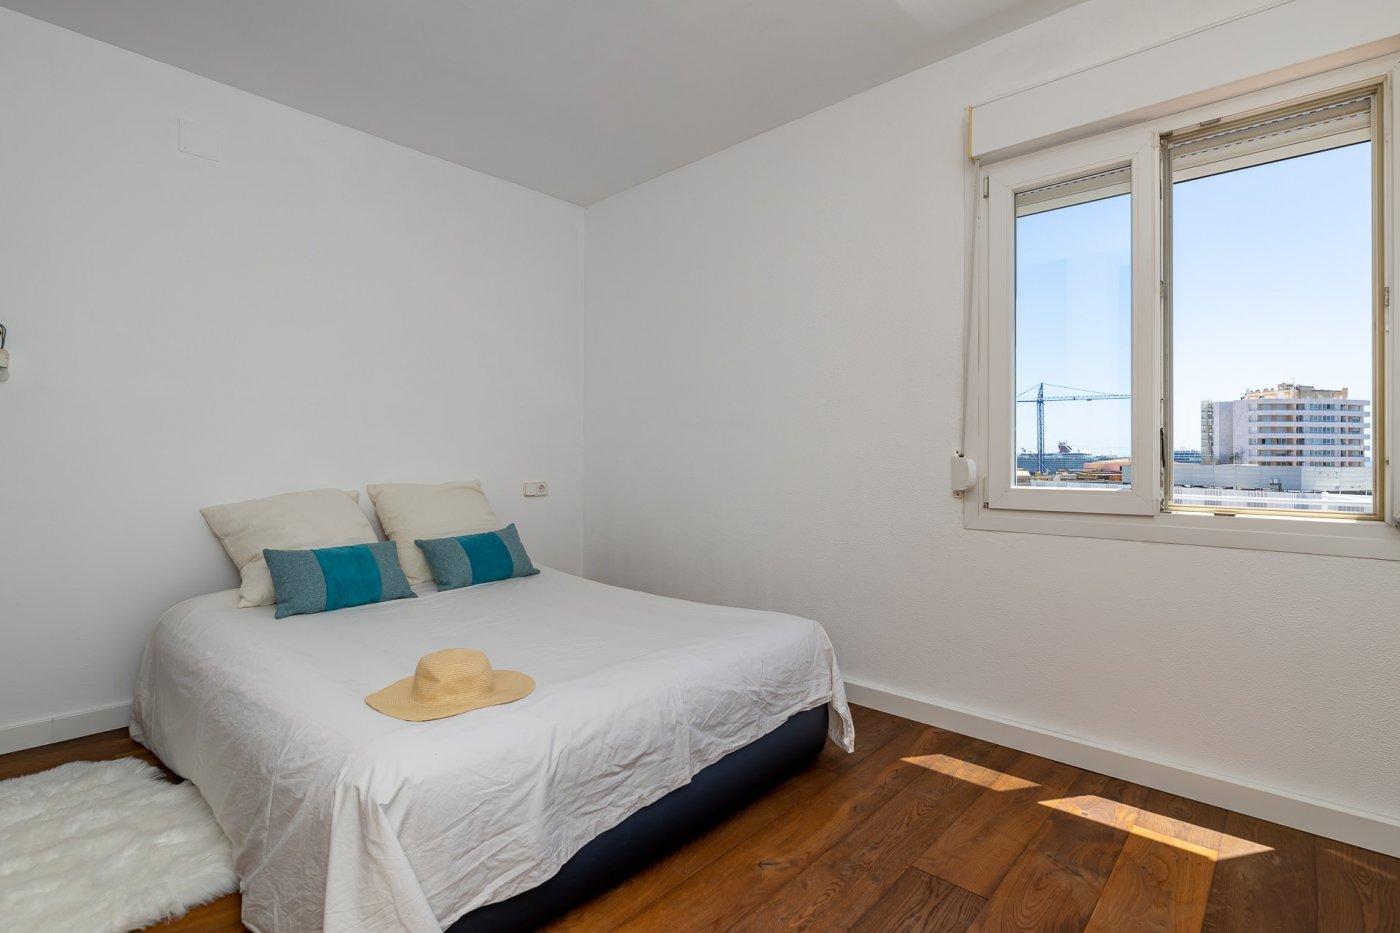 Coqueto apartamento cerca de porto pi, palma - imagenInmueble12